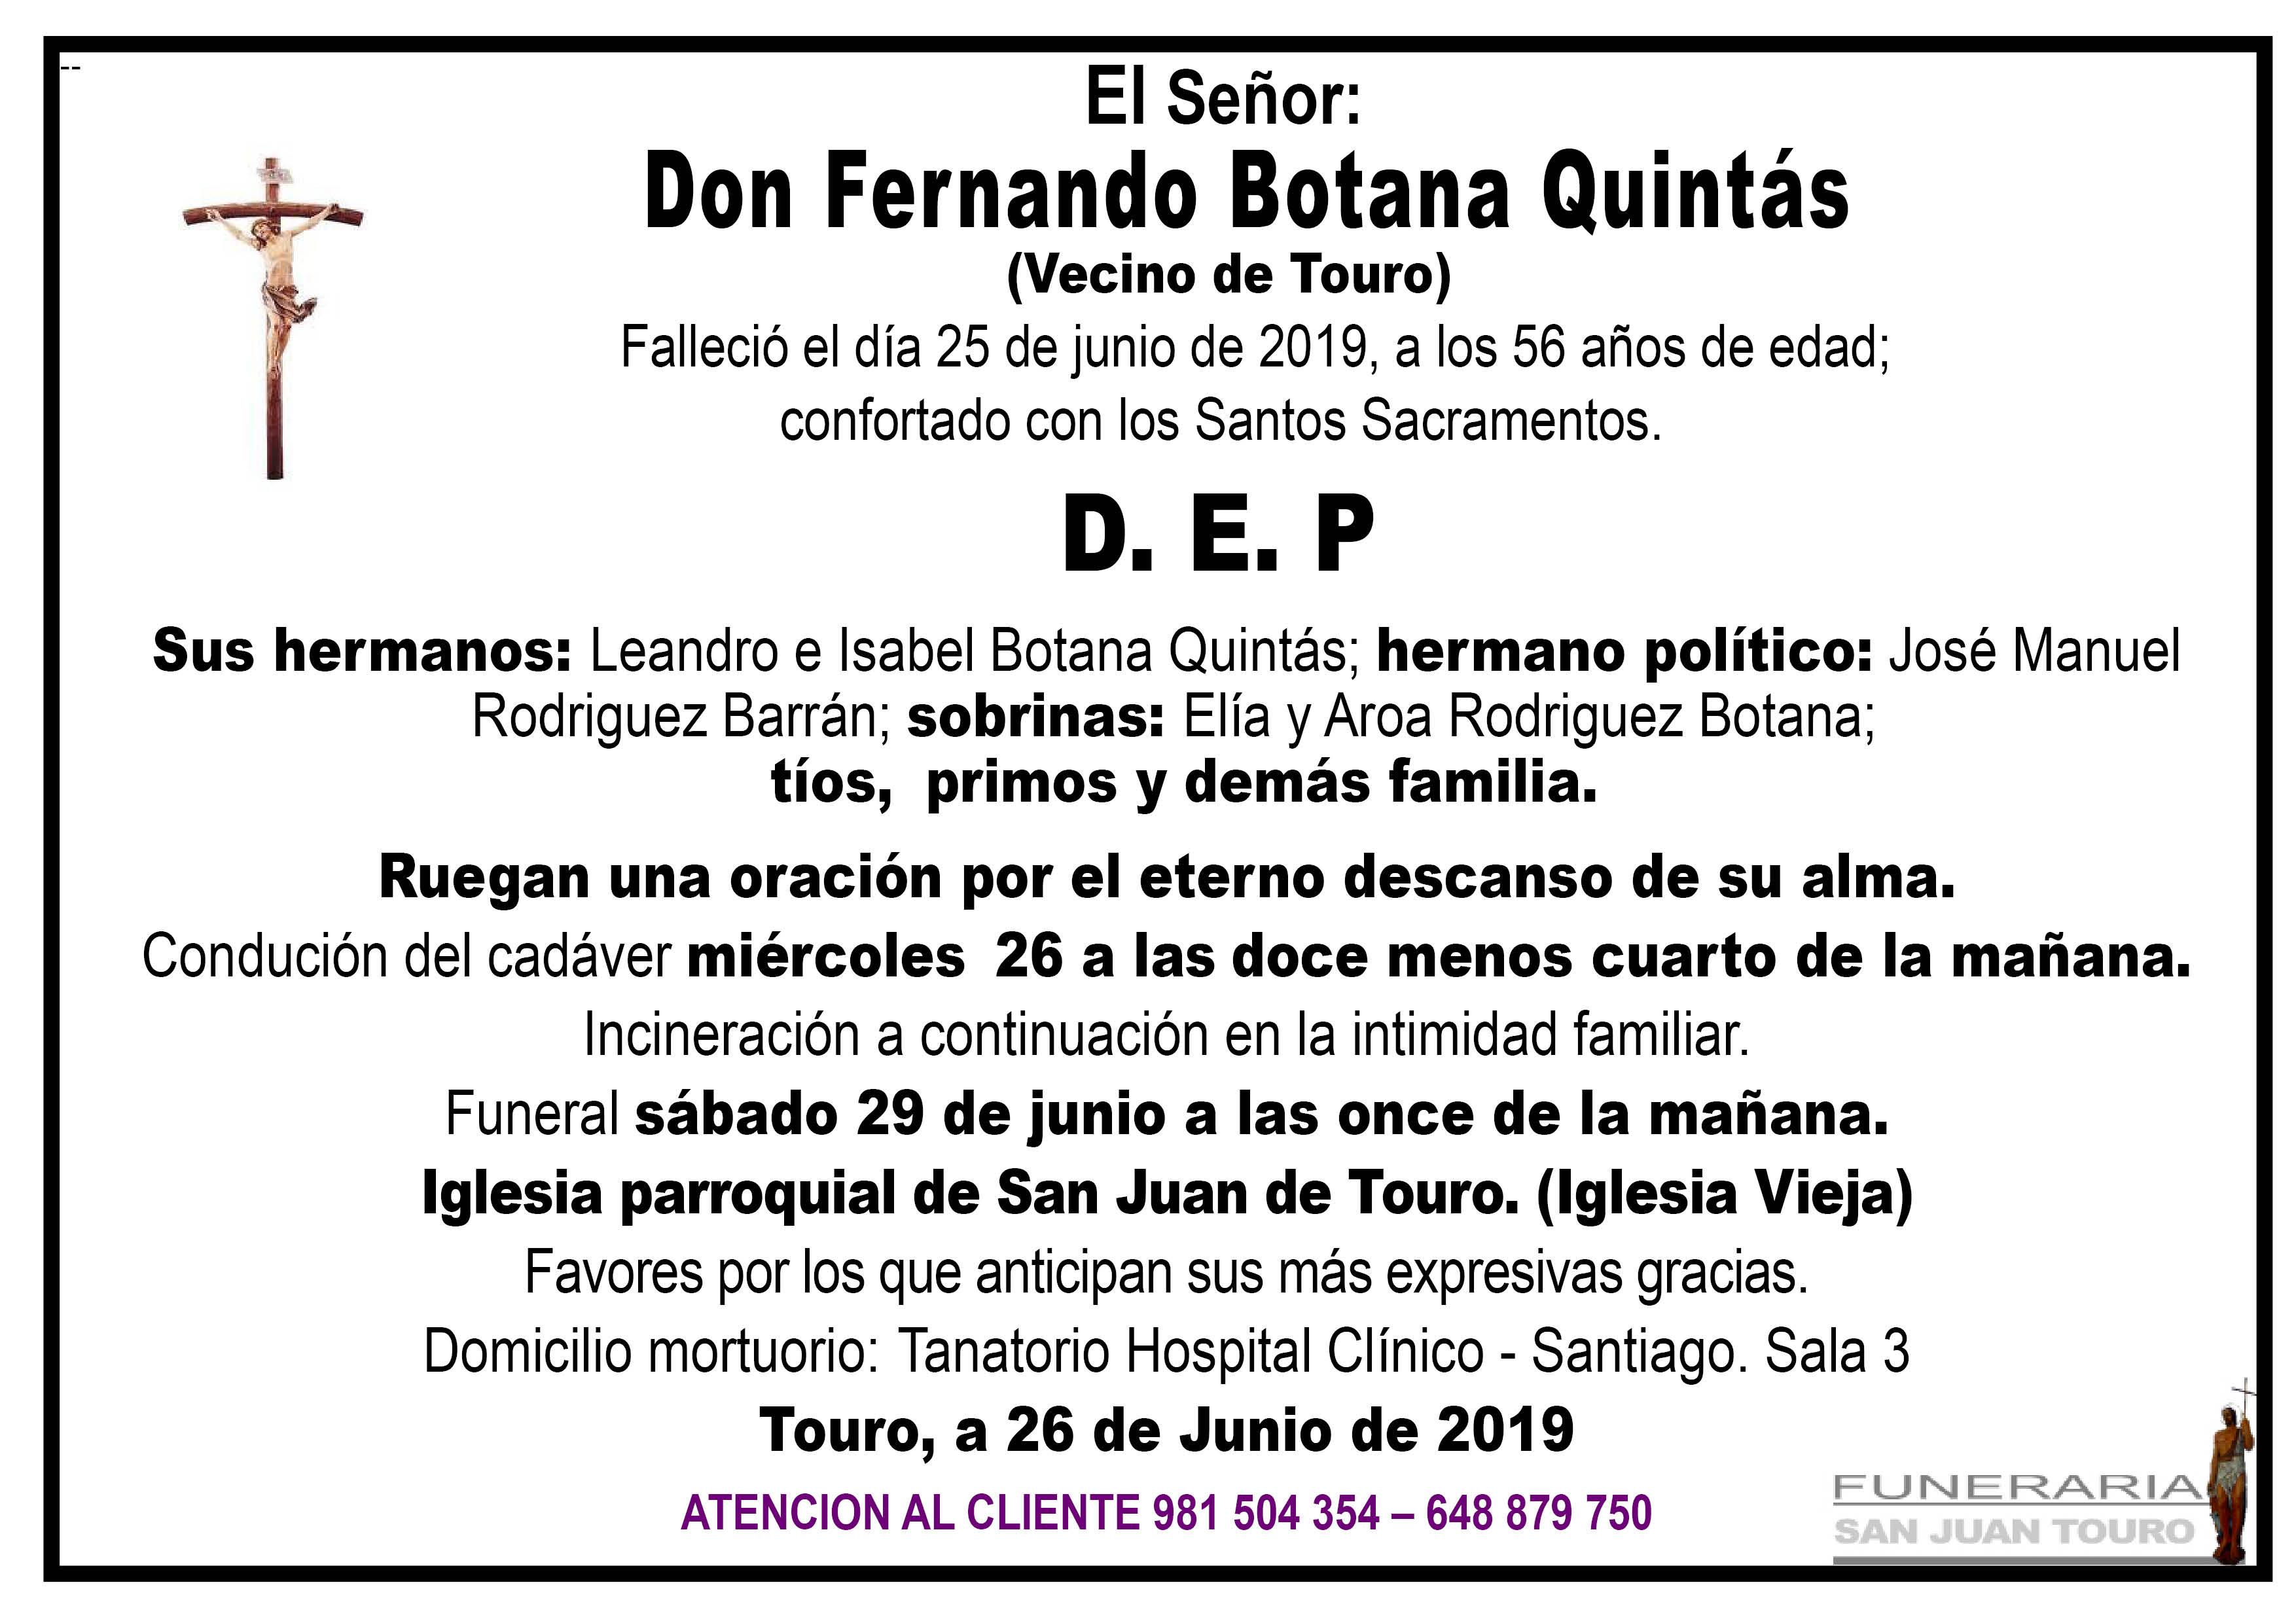 Esquela de SEPELIO DE DON FERNANDO BOTANA QUINTÁS